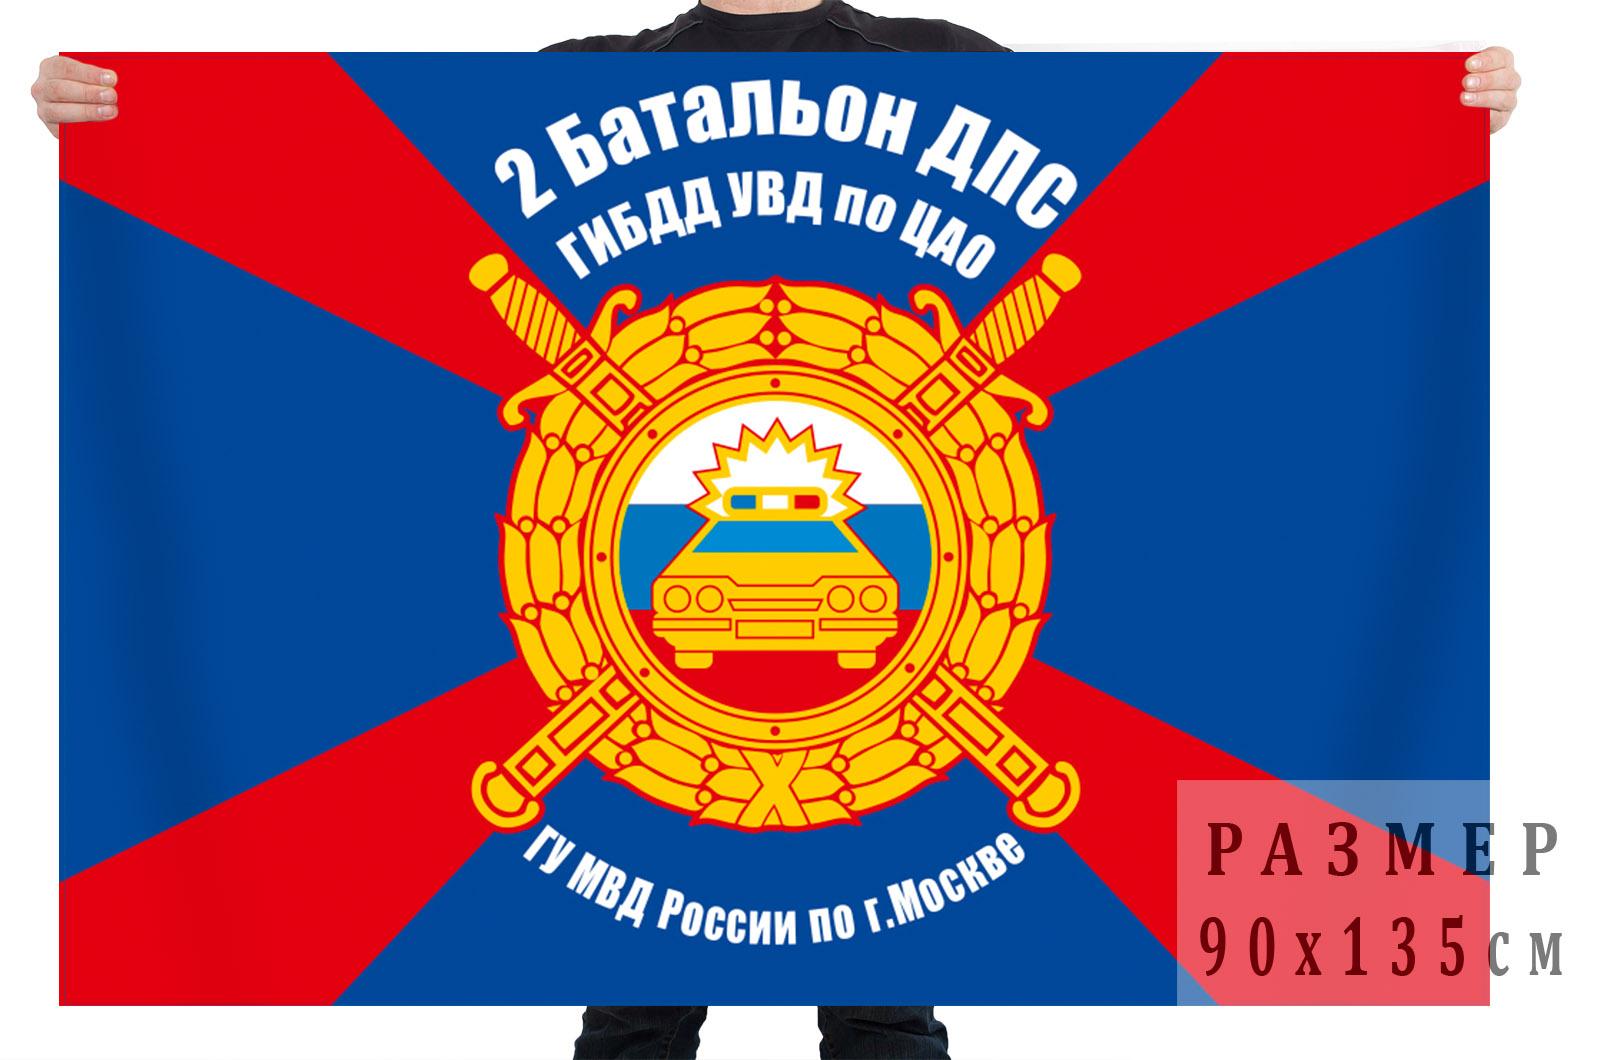 Флаг 2 батальона ДПС ГИБДД УВД по ЦАО